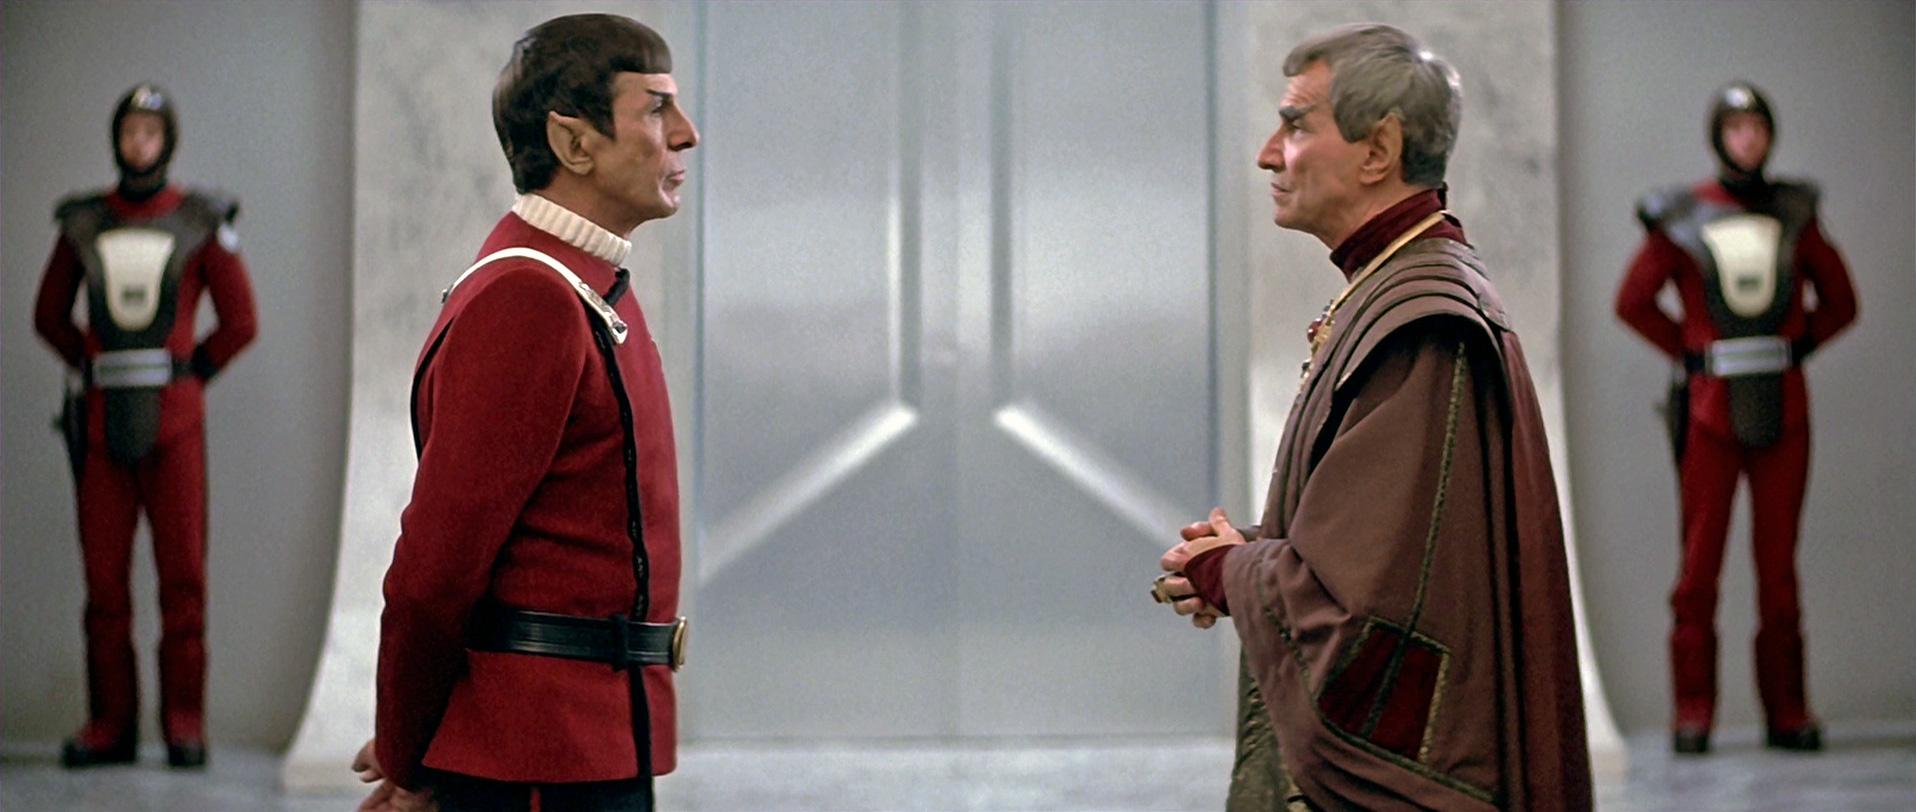 Spock_and_Sarek_Federation_council